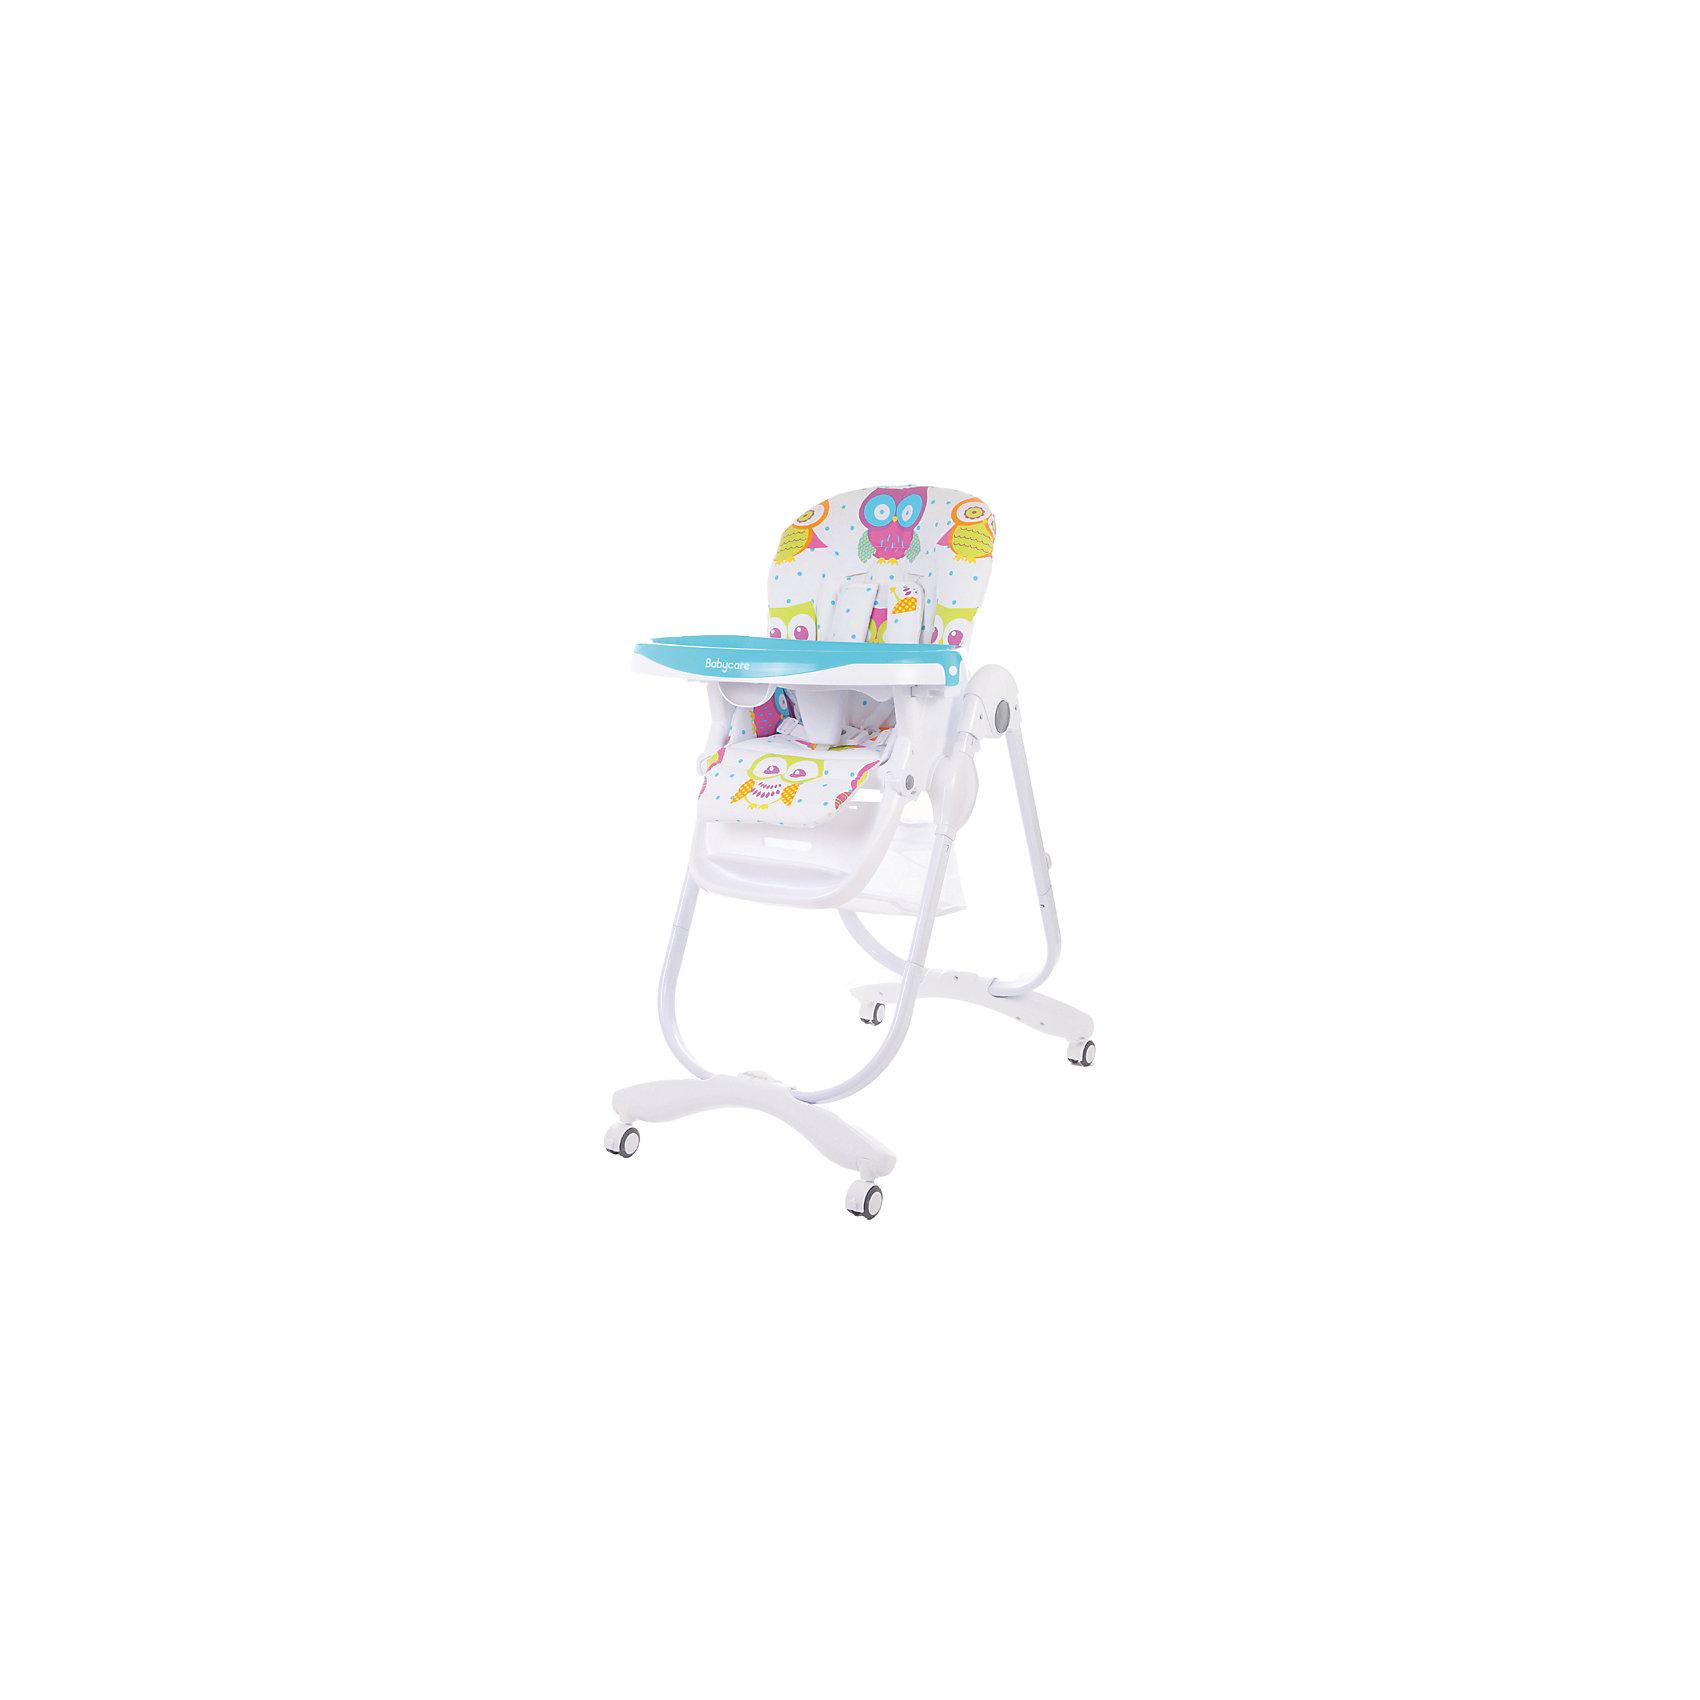 Стульчик для кормления Trona, Baby Care, голубойСтульчик для кормления Baby Care Trona<br><br>Дополнительная информация:<br><br>7 уровней высоты кресла<br>3 положения наклона спинки<br>Регулируемая подножка<br>5-ти точечные ремни безопасности и ограничитель<br>3 положения глубины столешницы<br>Съемная дополнительная прозрачная столешница<br>Сетка для игрушек<br>Стульчик легко складывается и устойчив в сложенном виде.                                                                          <br>Вес стульчика: 9.6 кг<br>Размер стульчика в собранном состоянии: 60х58х110 см<br>Размер стульчика в сложенном состоянии: 58х32х100 см<br>Ширина сиденья: 33 см<br><br>Стульчик для кормления Trona, Baby Care, голубой можно купить в нашем магазине.<br><br>Ширина мм: 600<br>Глубина мм: 550<br>Высота мм: 320<br>Вес г: 10800<br>Цвет: голубой<br>Возраст от месяцев: 6<br>Возраст до месяцев: 60<br>Пол: Унисекс<br>Возраст: Детский<br>SKU: 4651202